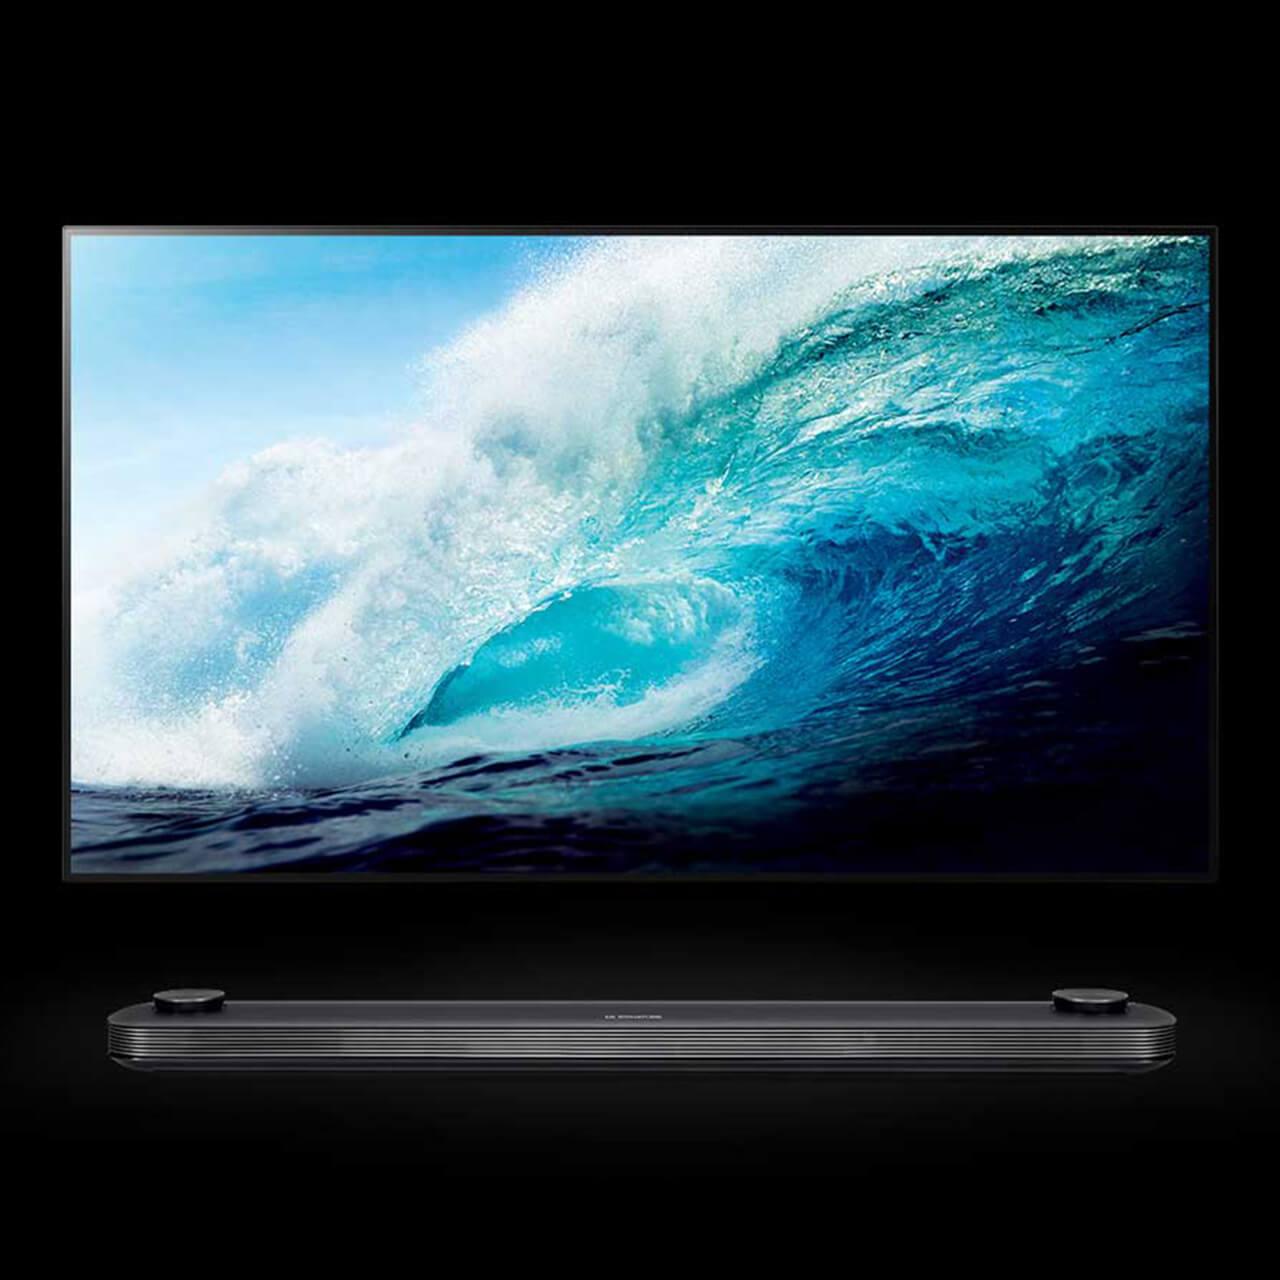 تلویزیون اولد هوشمند ال جی سری SIGNATURE مدل OLED77W7T سایز ۷۷ اینچ |